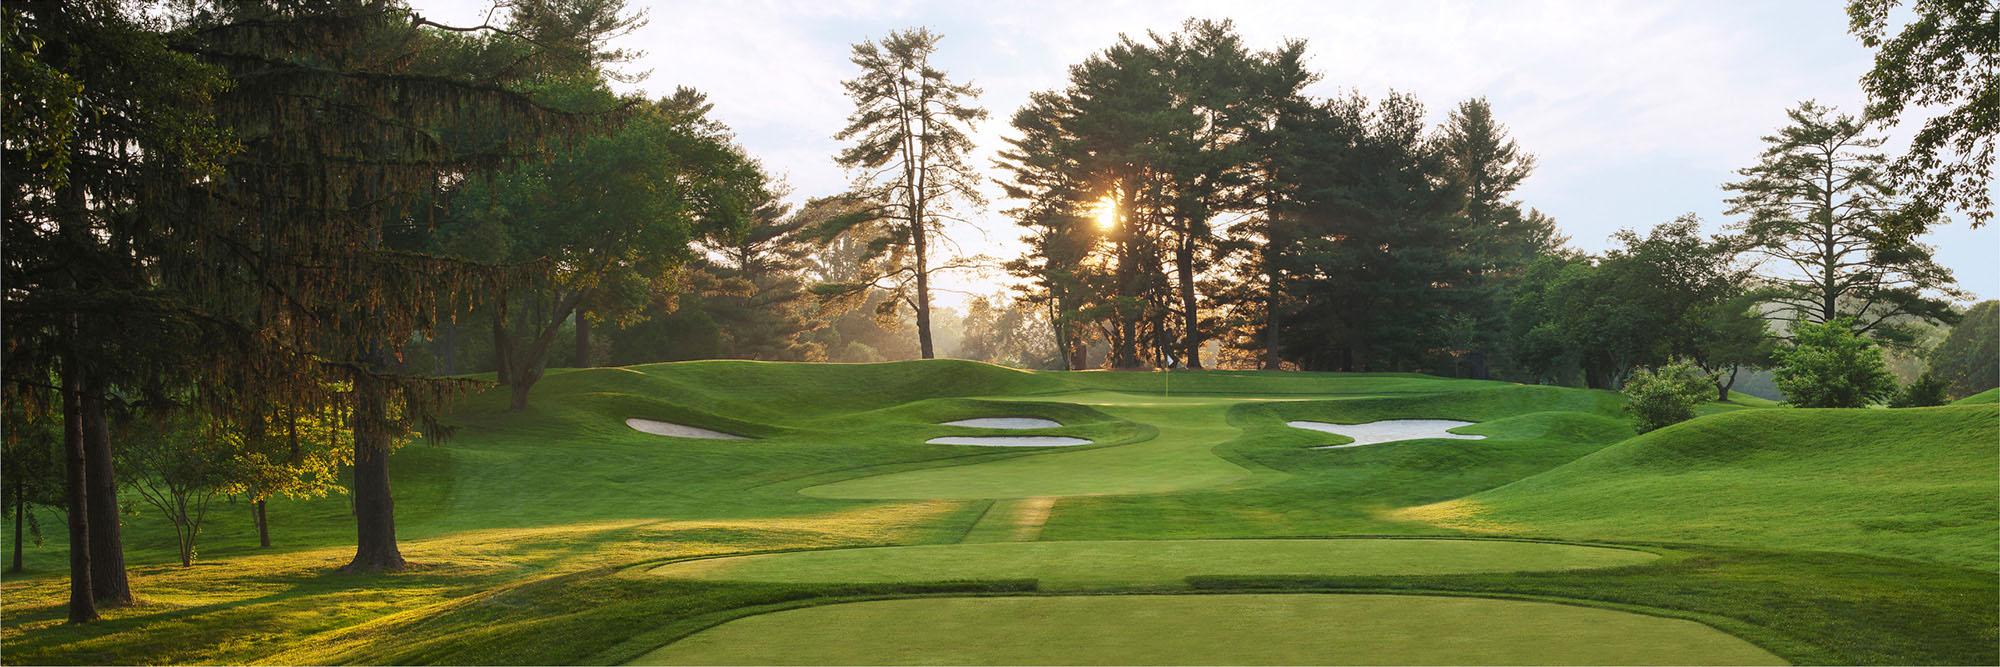 Golf Course Image - Congressional Blue No. 7